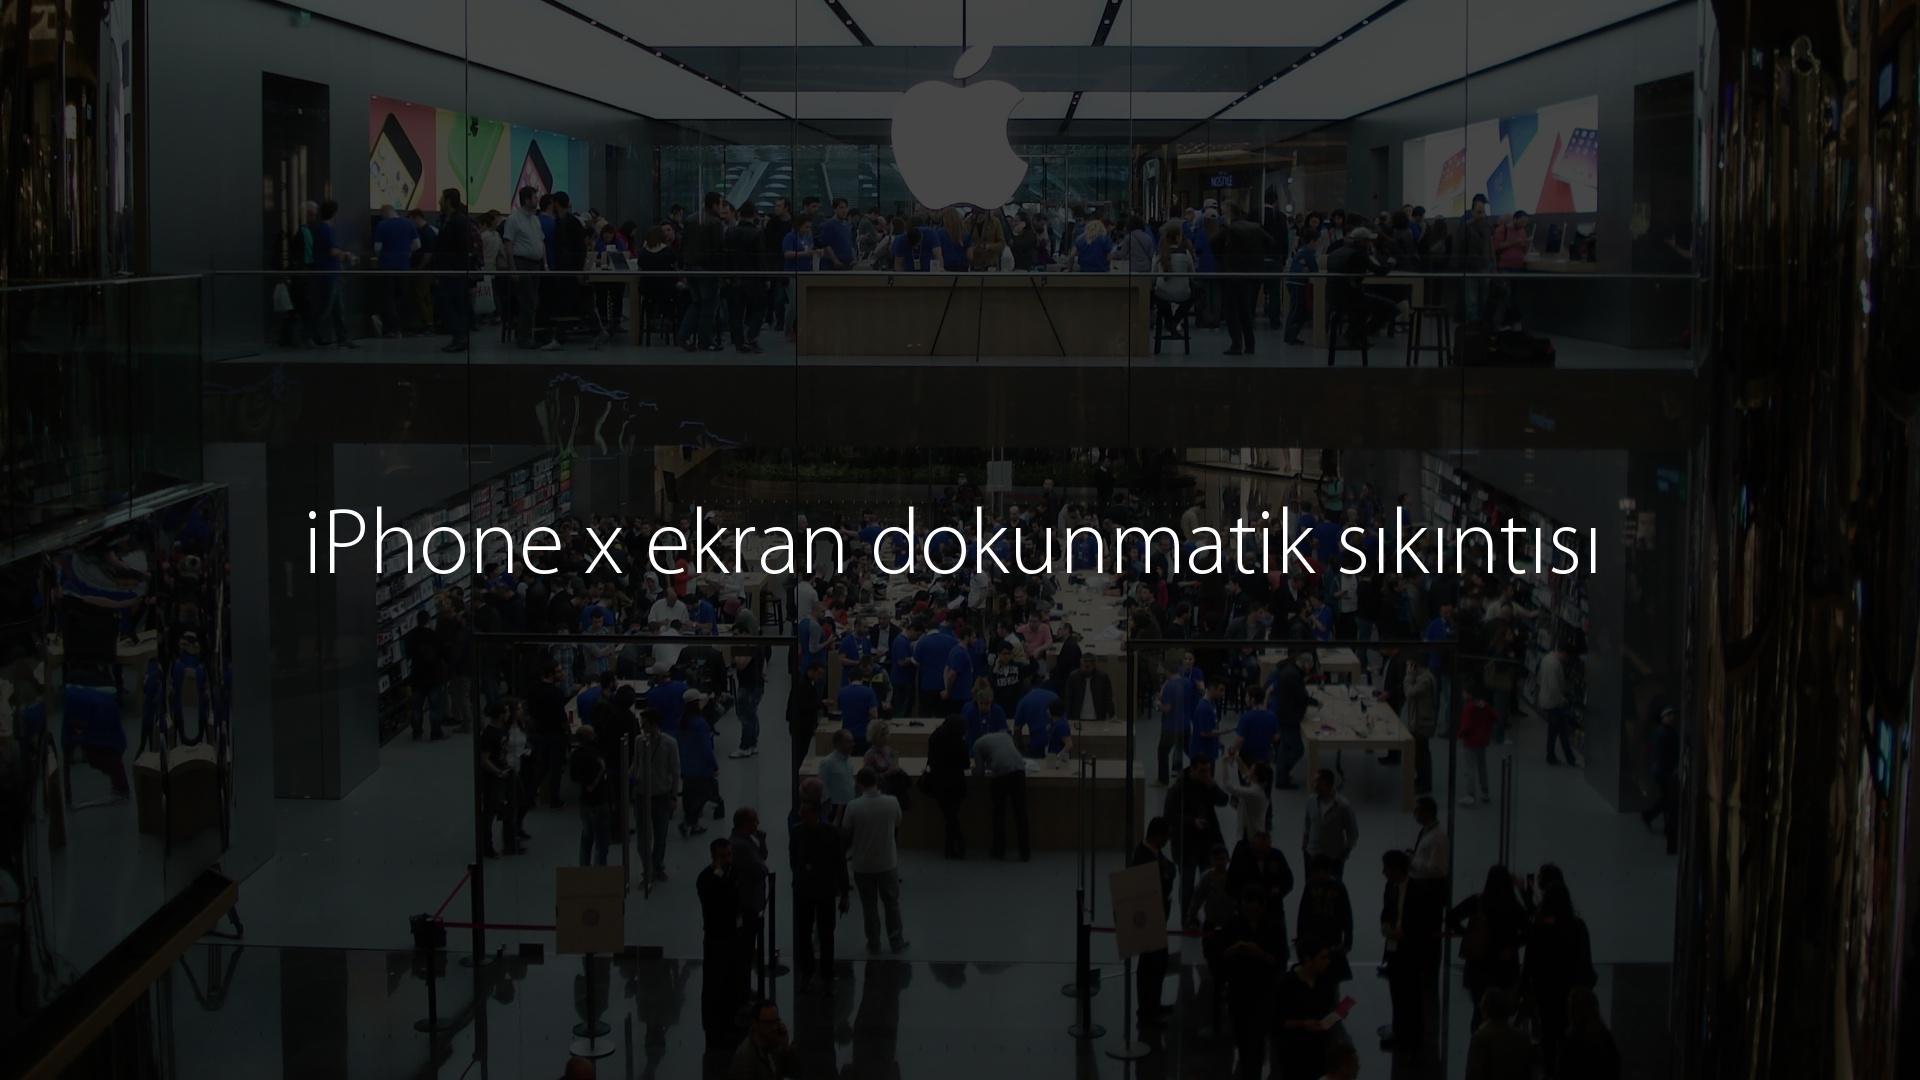 iPhone x ekran dokunmatik sıkıntısı